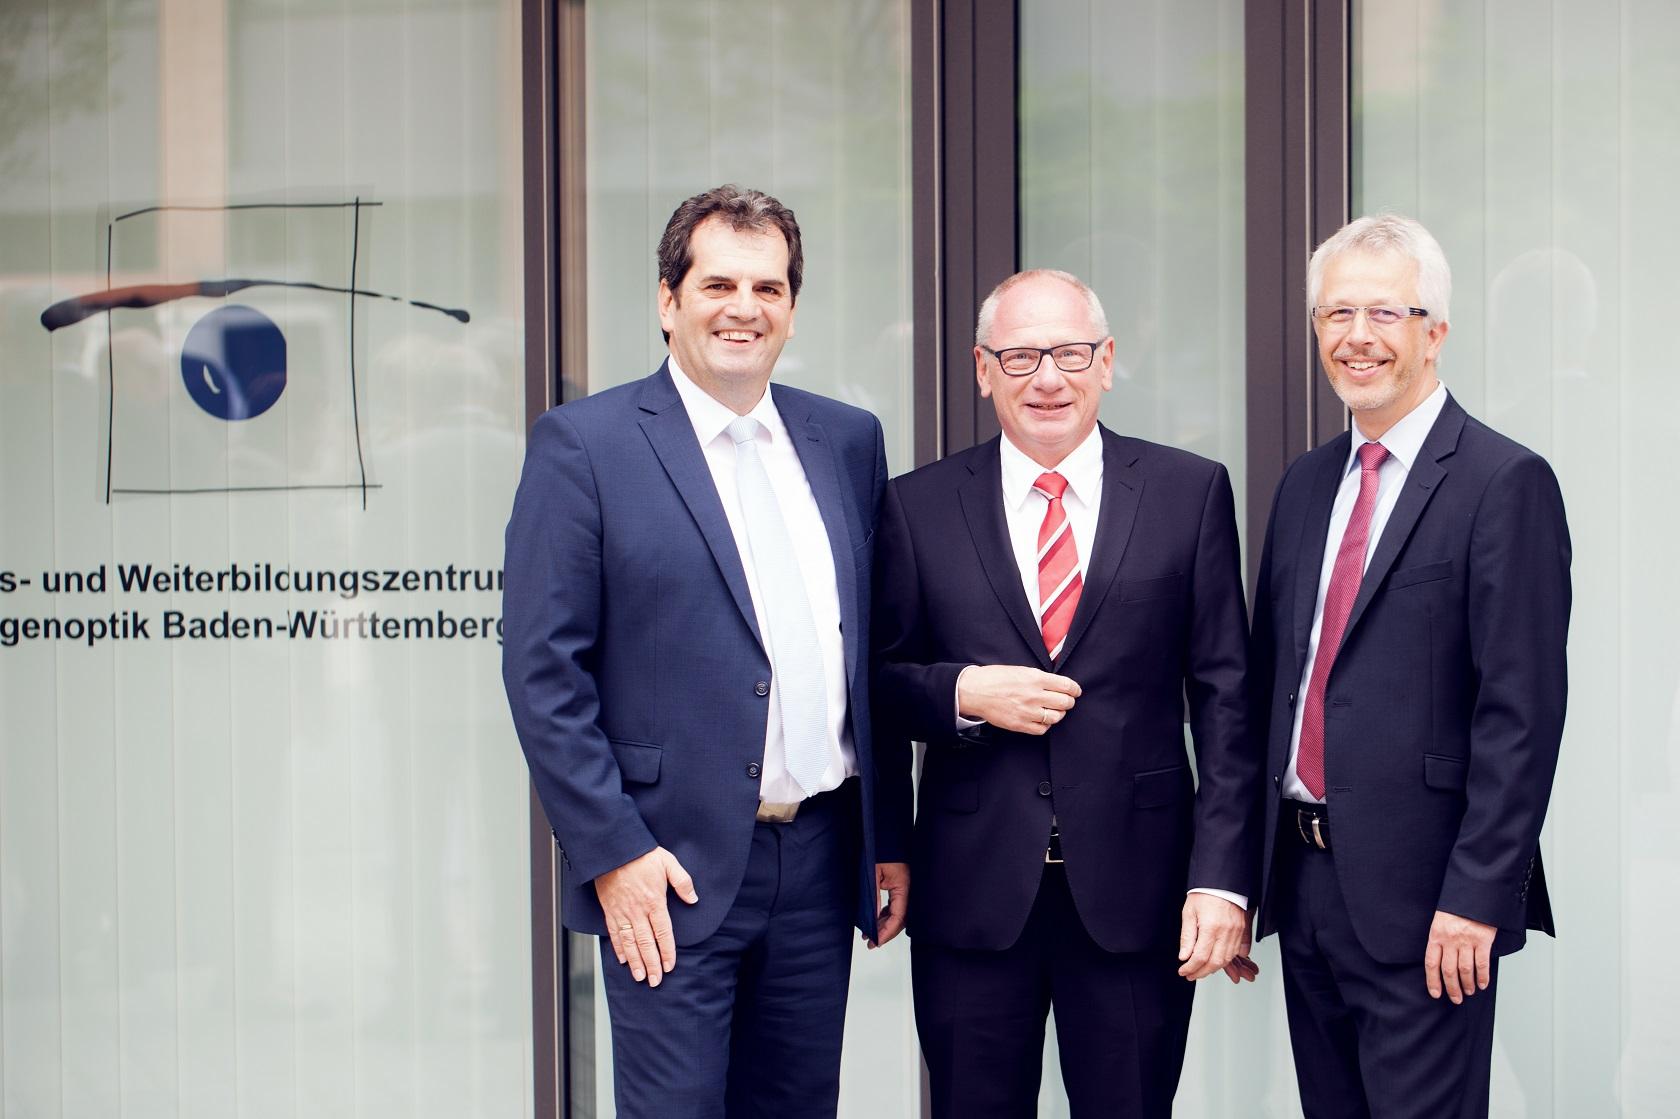 Feierliche Eröffnung Dieter Großewinkelmann